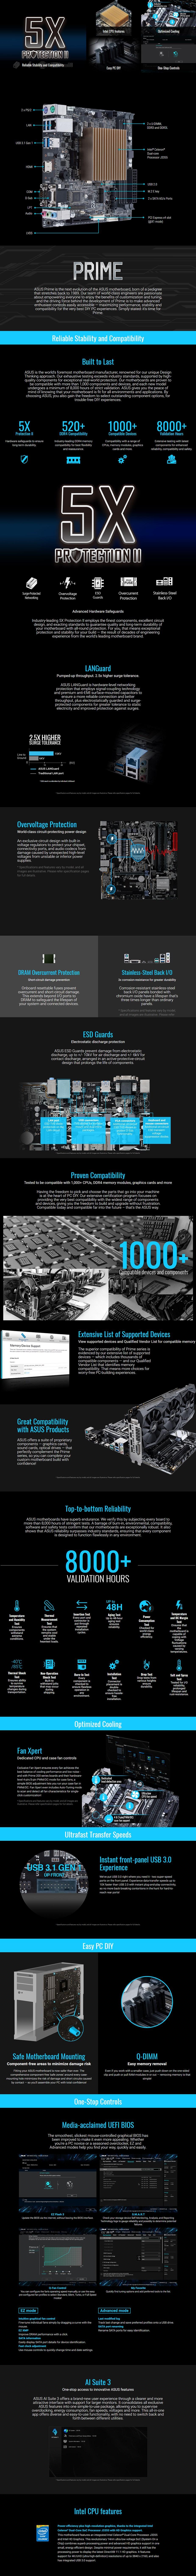 ASUS PRIME J3355I-C Celeron Dual Core SoC M-ATX Motherboard